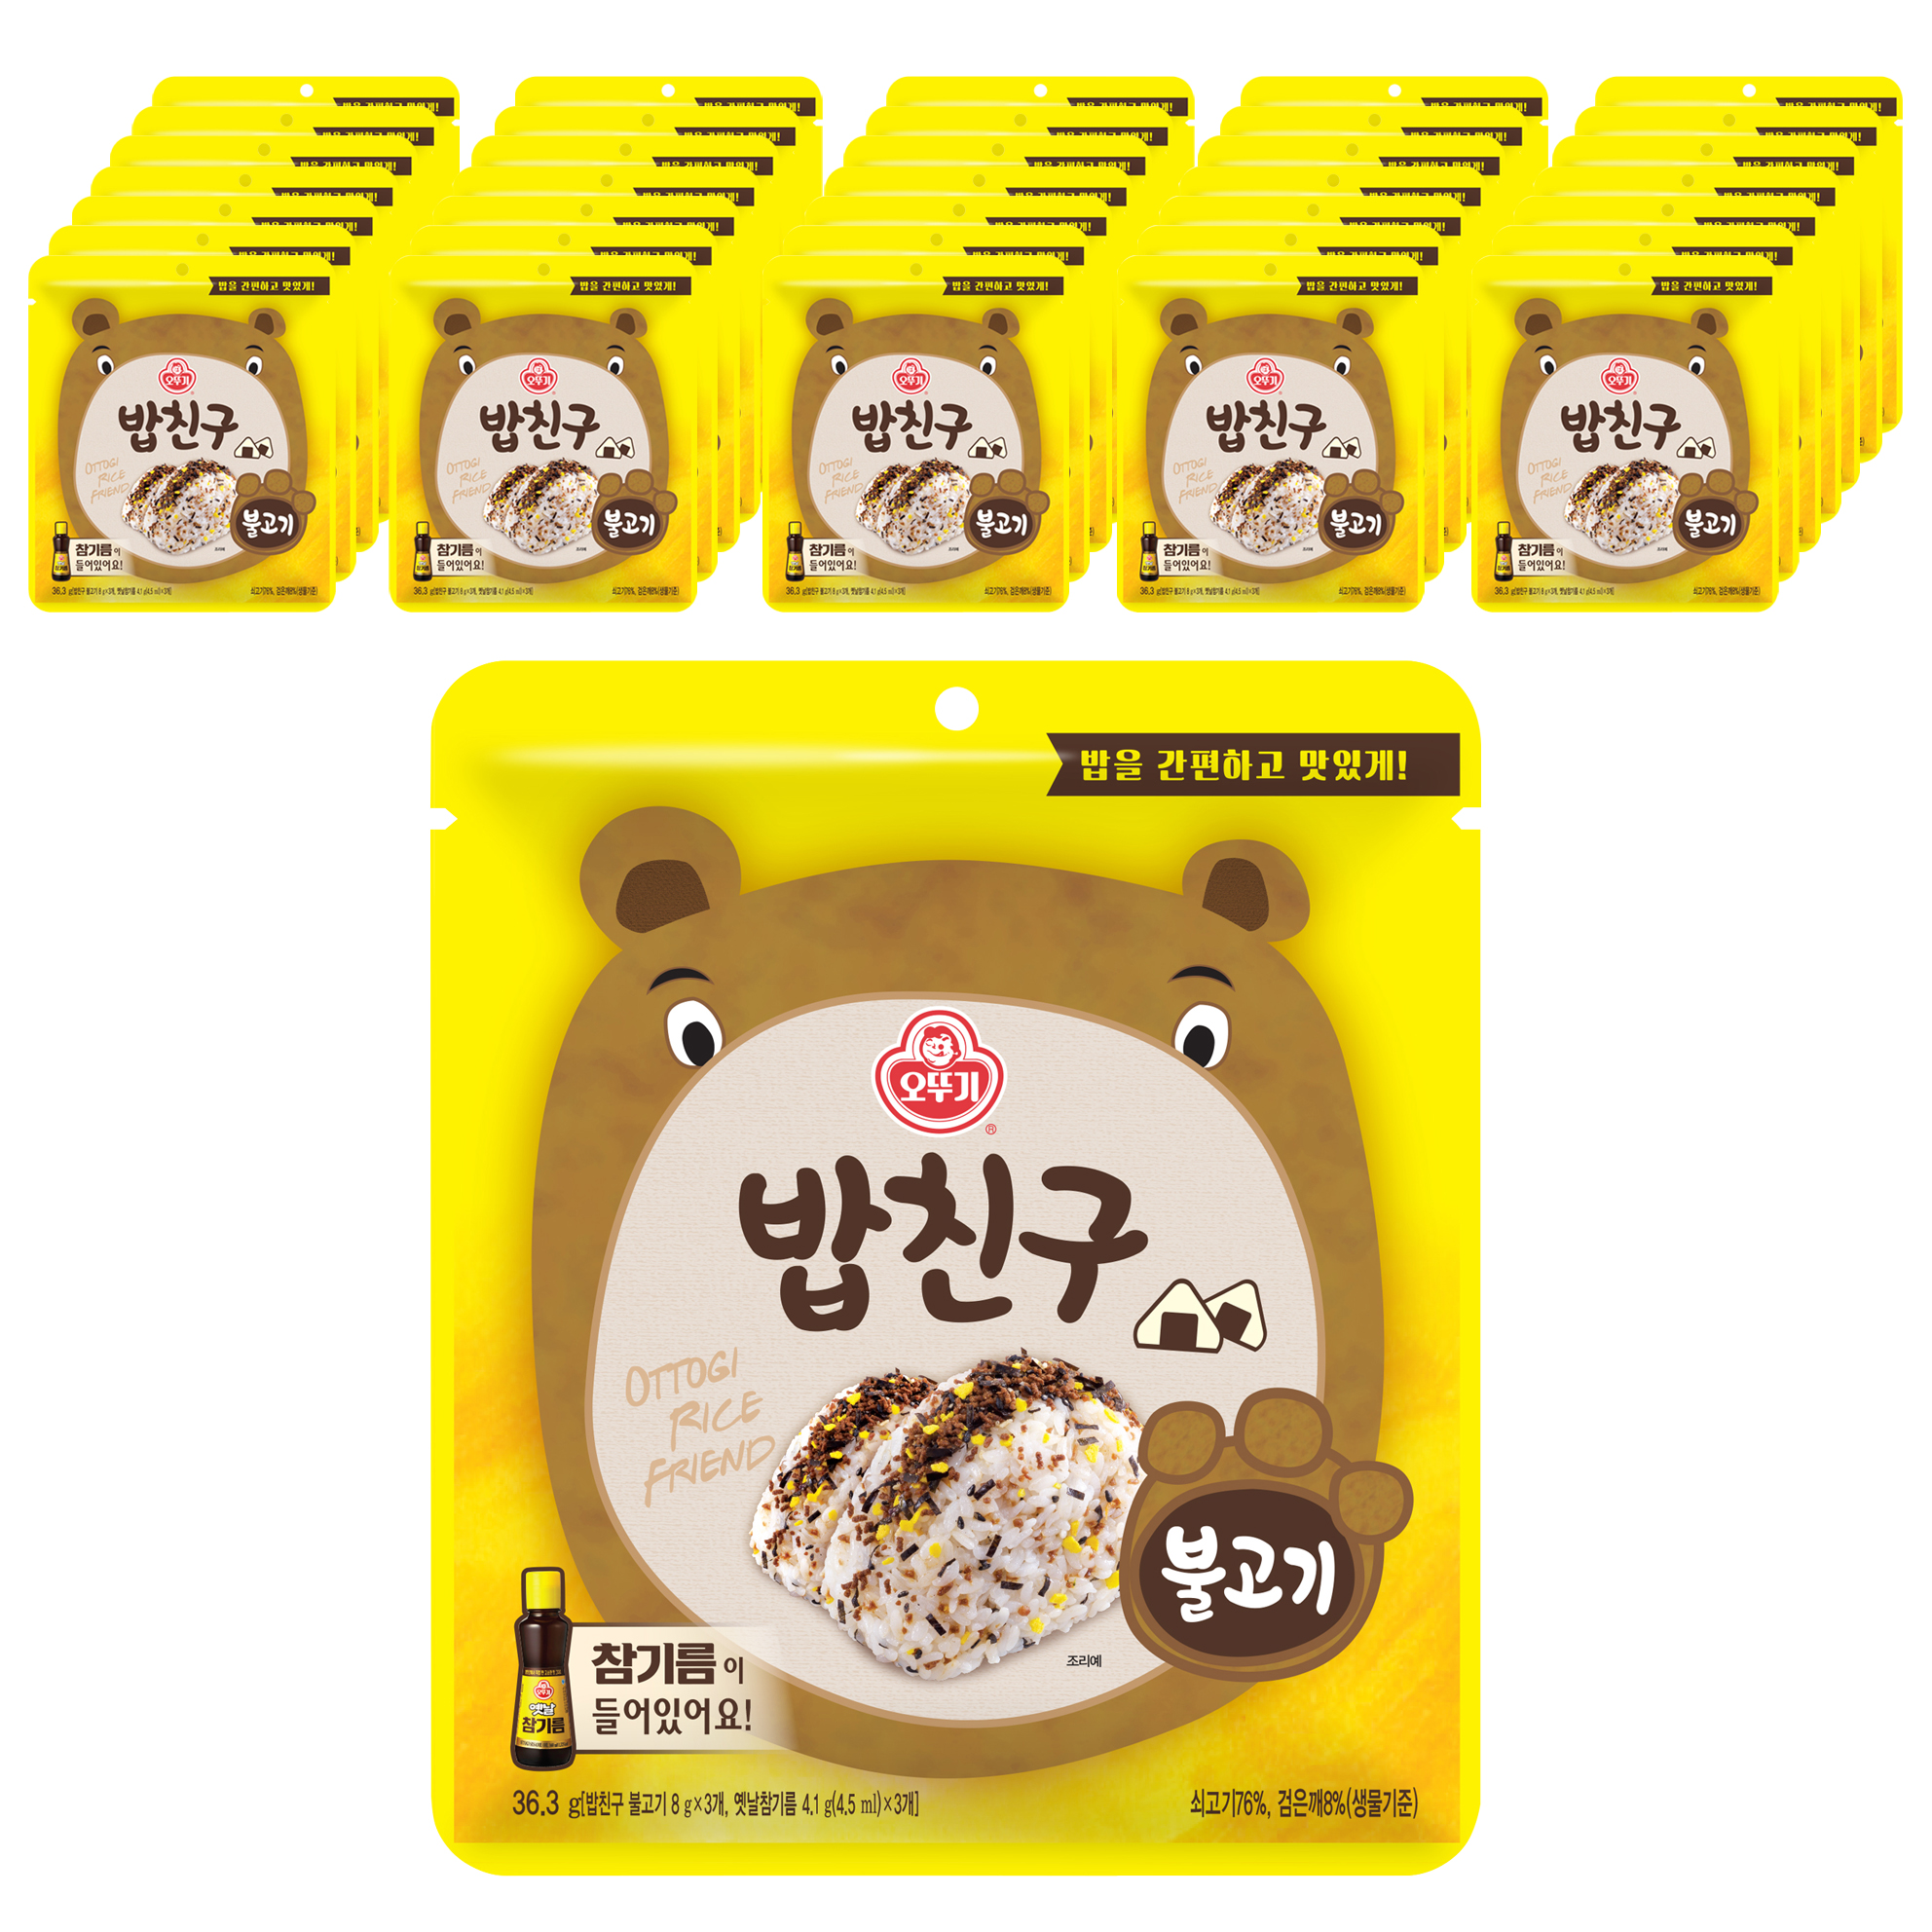 오뚜기 밥친구 불고기 후리카케, 36.3g, 40개입